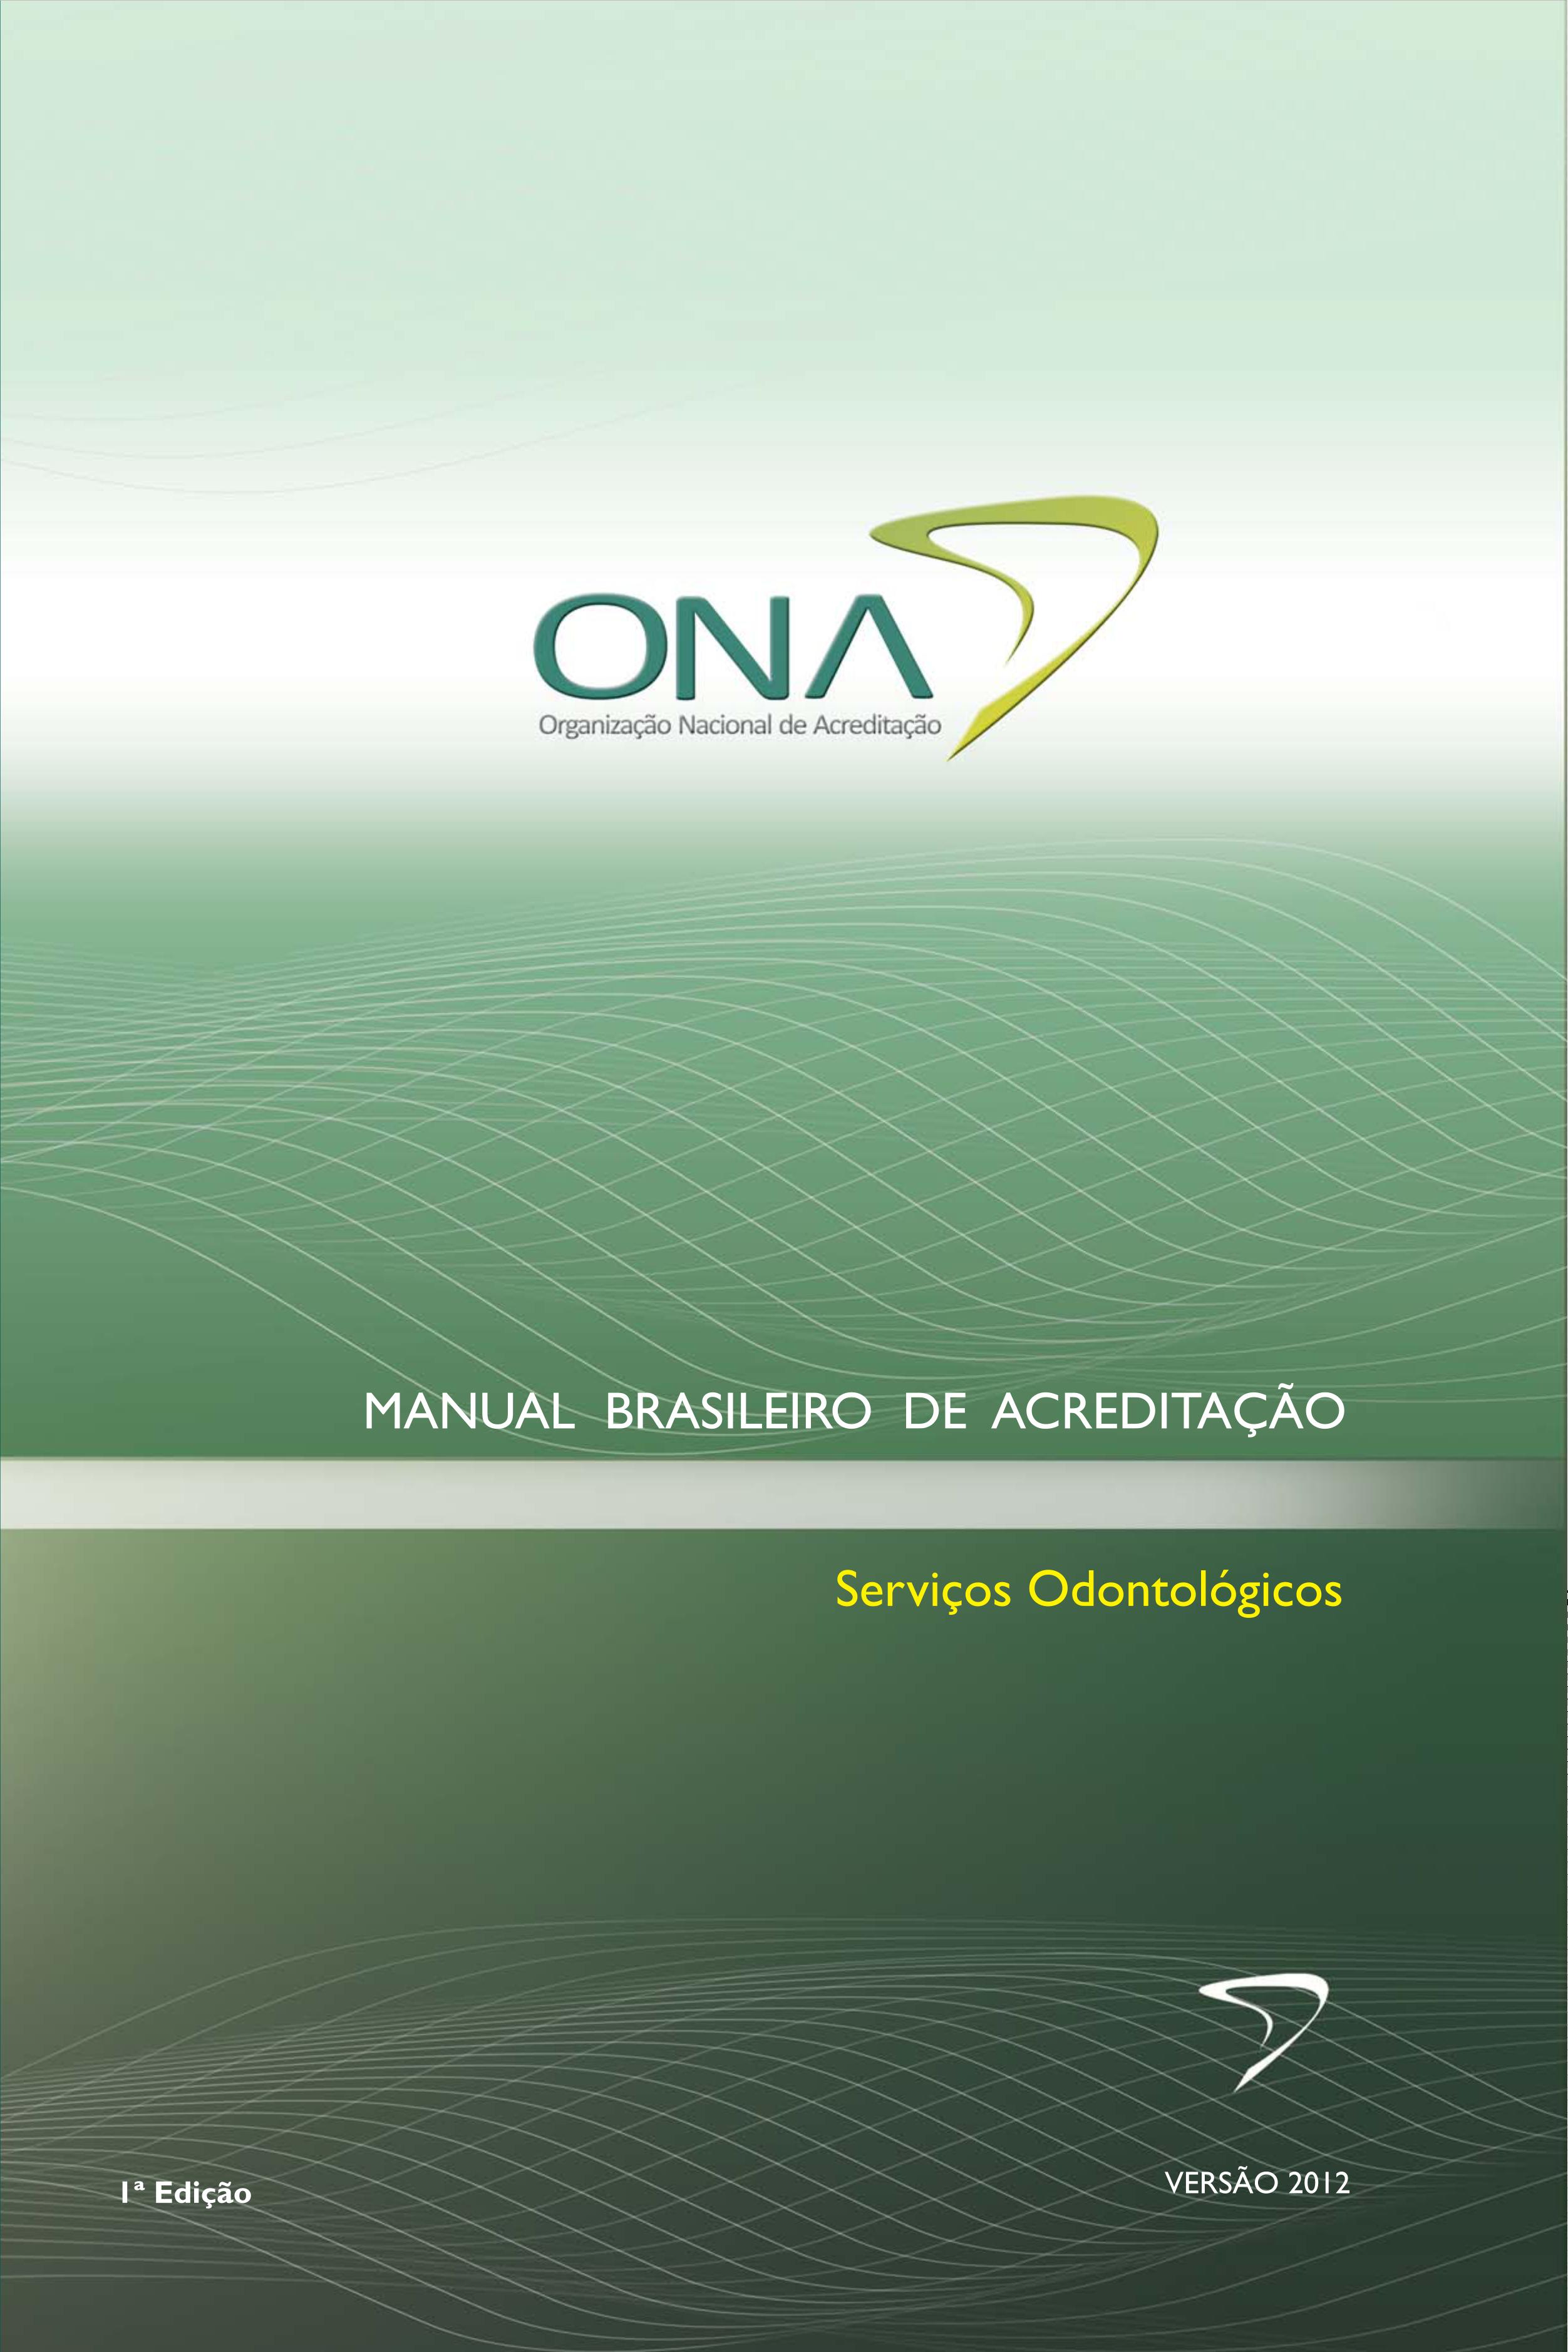 Manual Brasileiro de Acreditação: Serviços Odontológicos - Versão 2012